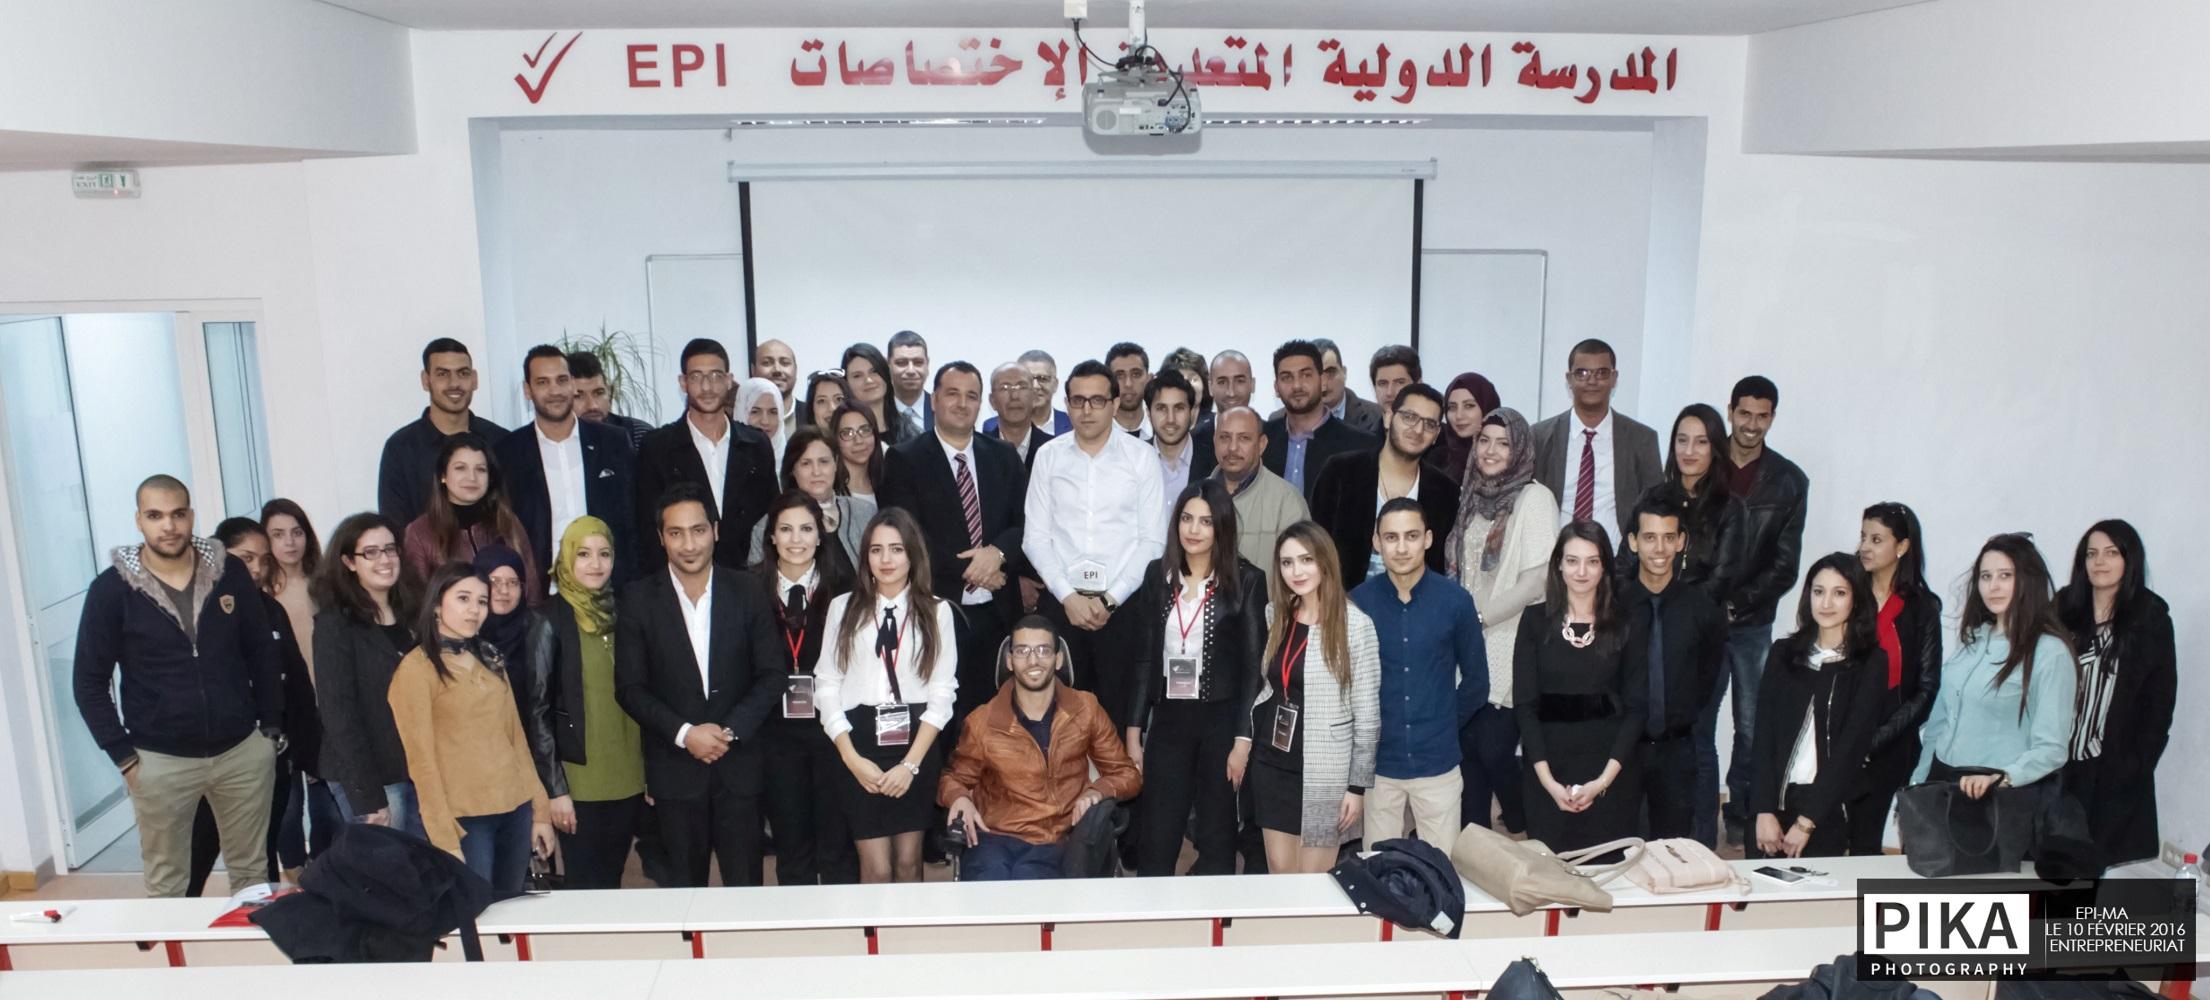 Journée de l'entrepreneuriat EPI